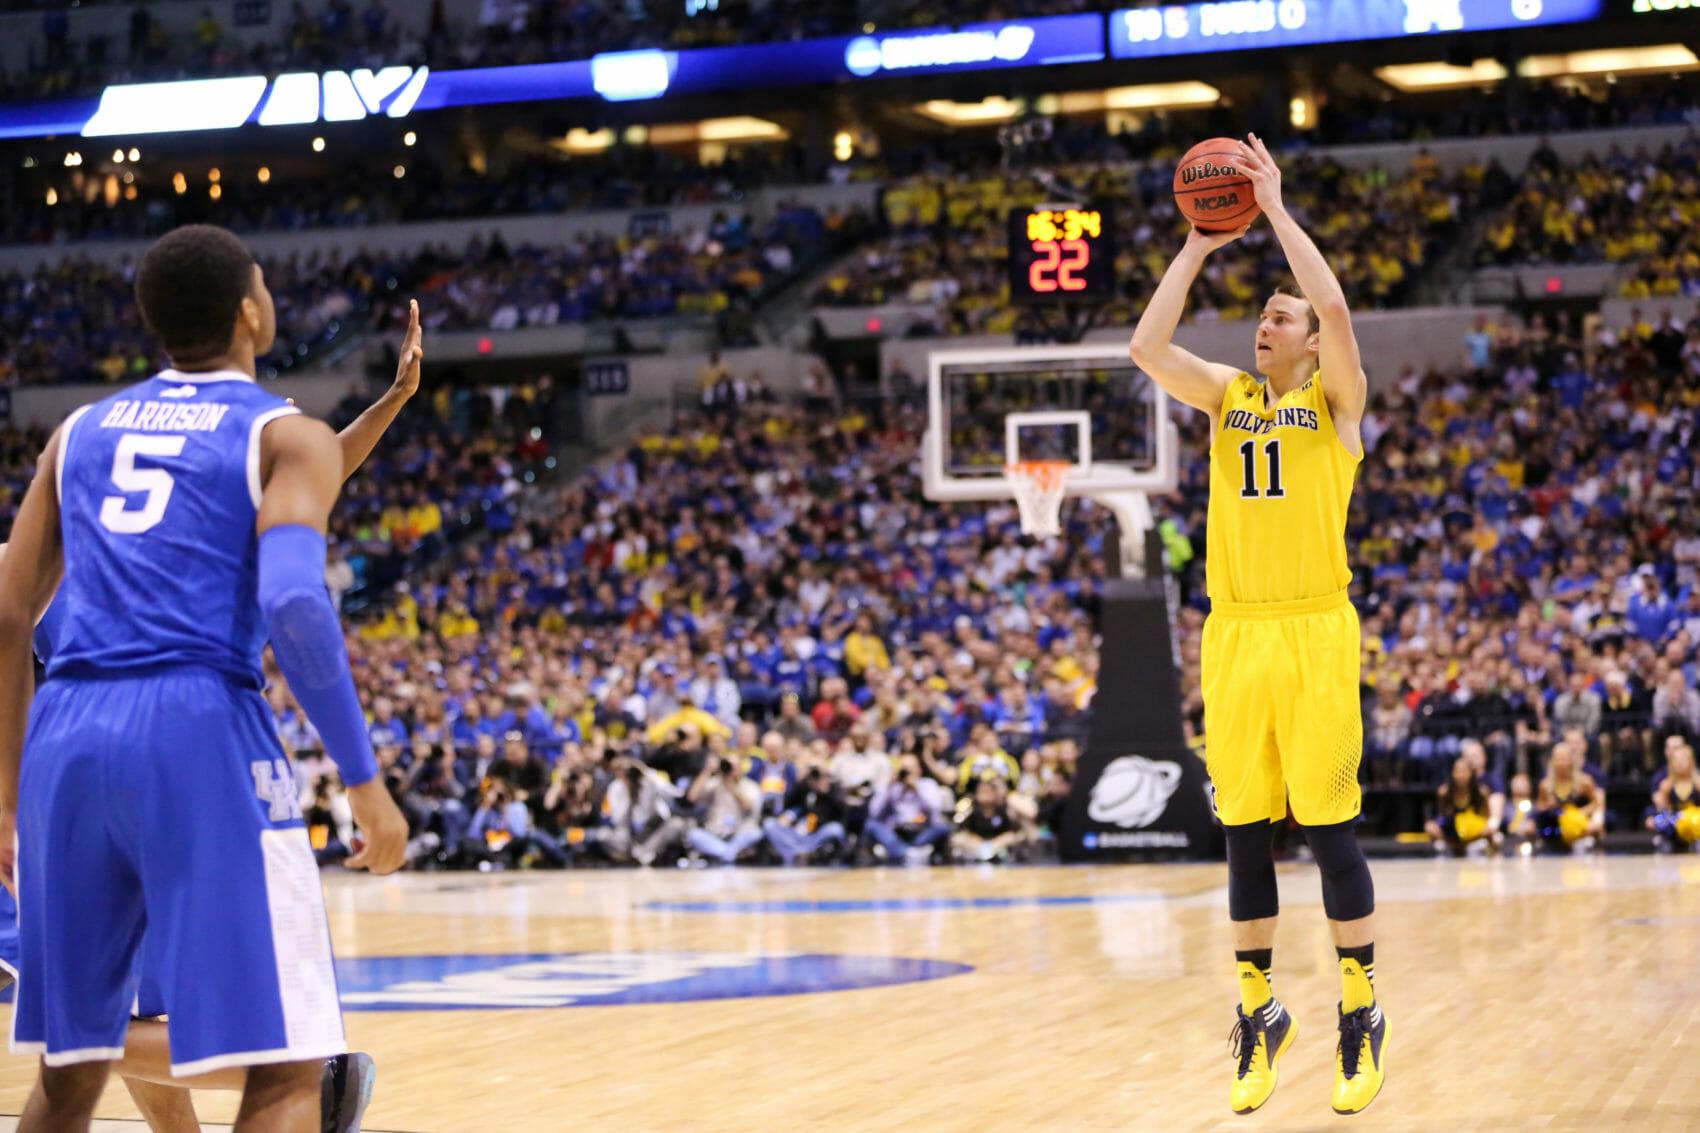 Kentucky 75, Michigan 72-2